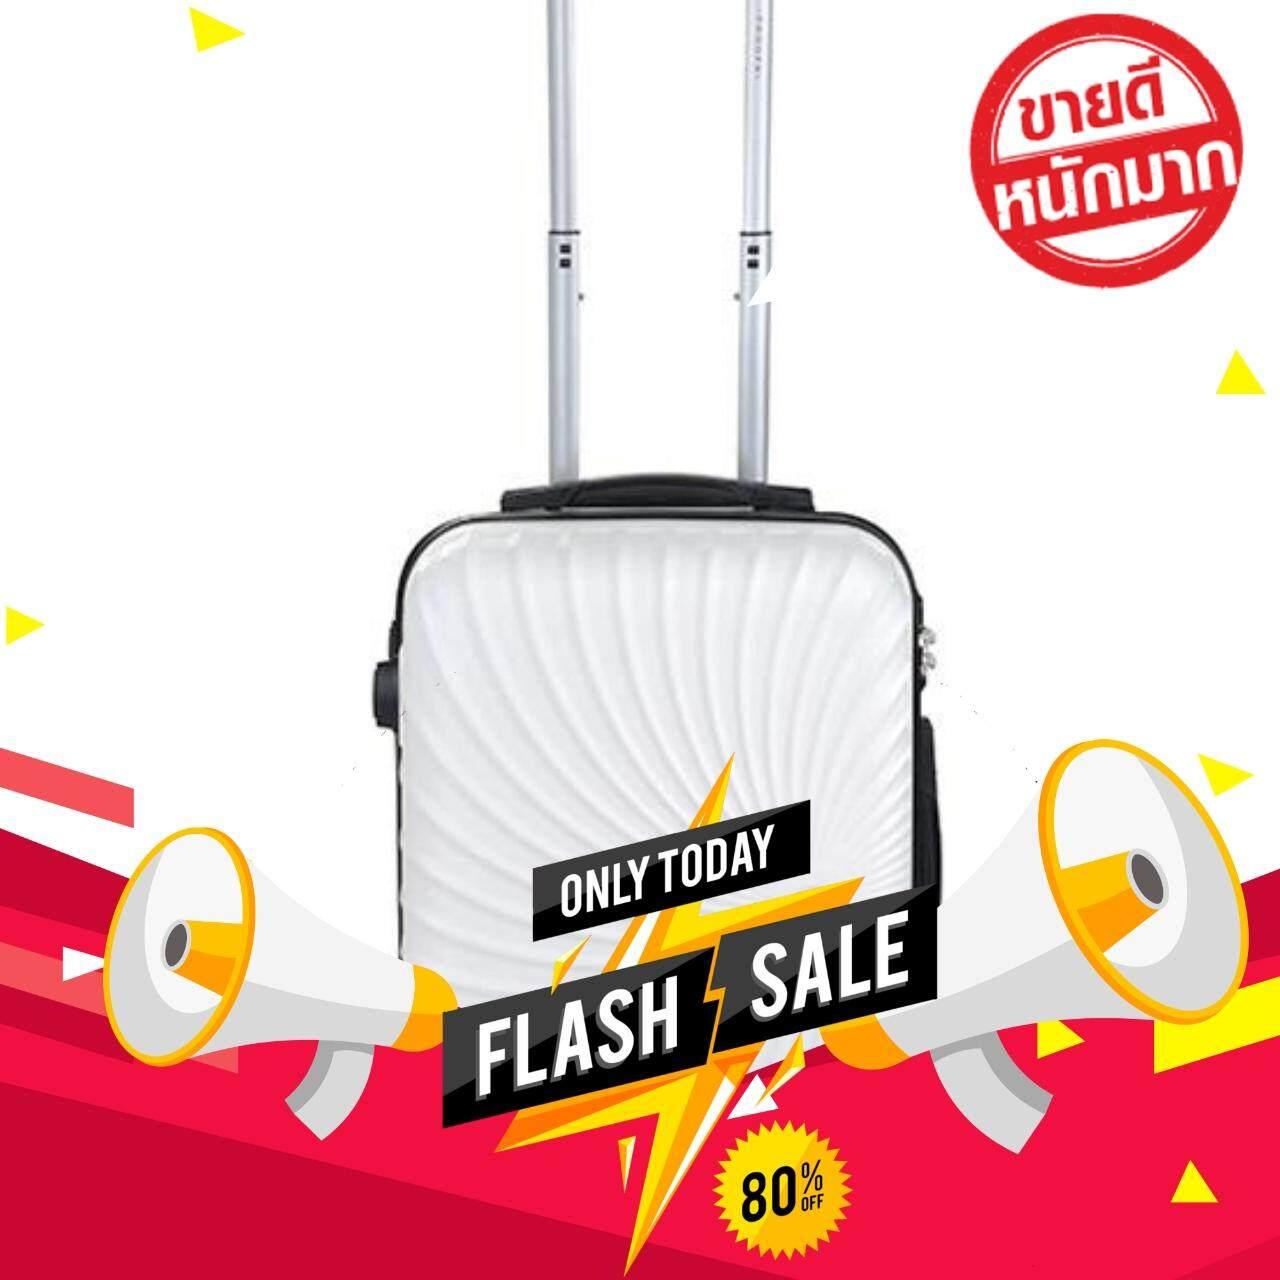 ((พร้อมส่ง)) กระเป๋าเดินทางชนิดแข็ง 4 ล้อ รุ่น PR1903 ระบบ TSA Lock สีขาว ไซส์ 24 นิ้ว กระเป๋าเดินทาง กระเป๋าสะพาย กระเป๋าสตางค์ กระเป๋าเดินทาง กระเป๋าเป้ กระเป๋าผู้หญิง กระเป๋าคาดเอว กระเป๋าคาดอก กระเป๋าผ้า กระเป๋าแฟชั่น กระเป๋ากล้อง กระเป๋า กระเป๋า สะ